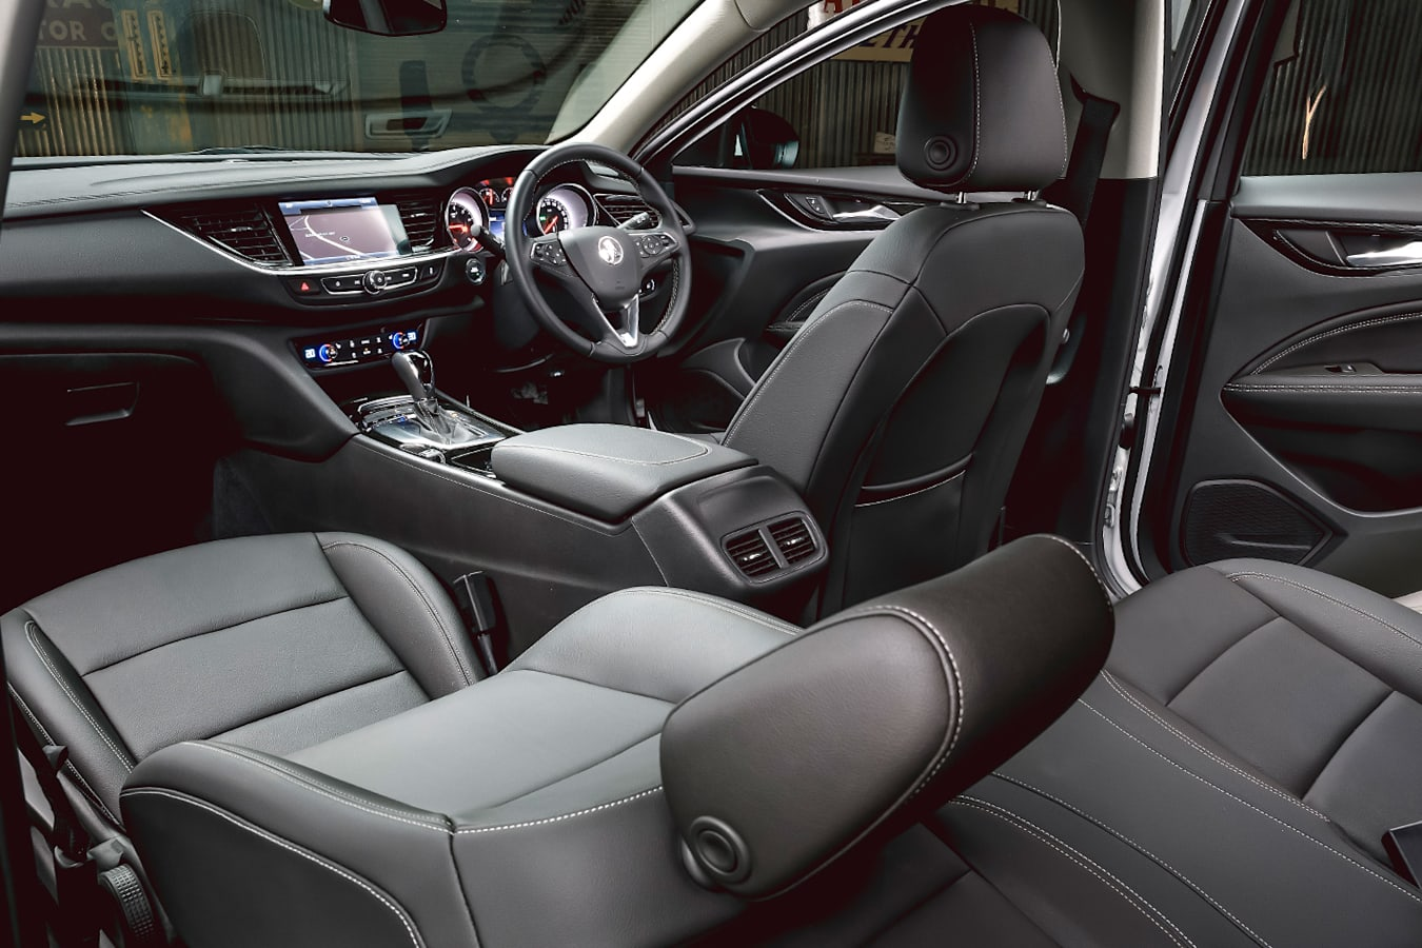 Mid Size Sedan Holden Interior Jpg